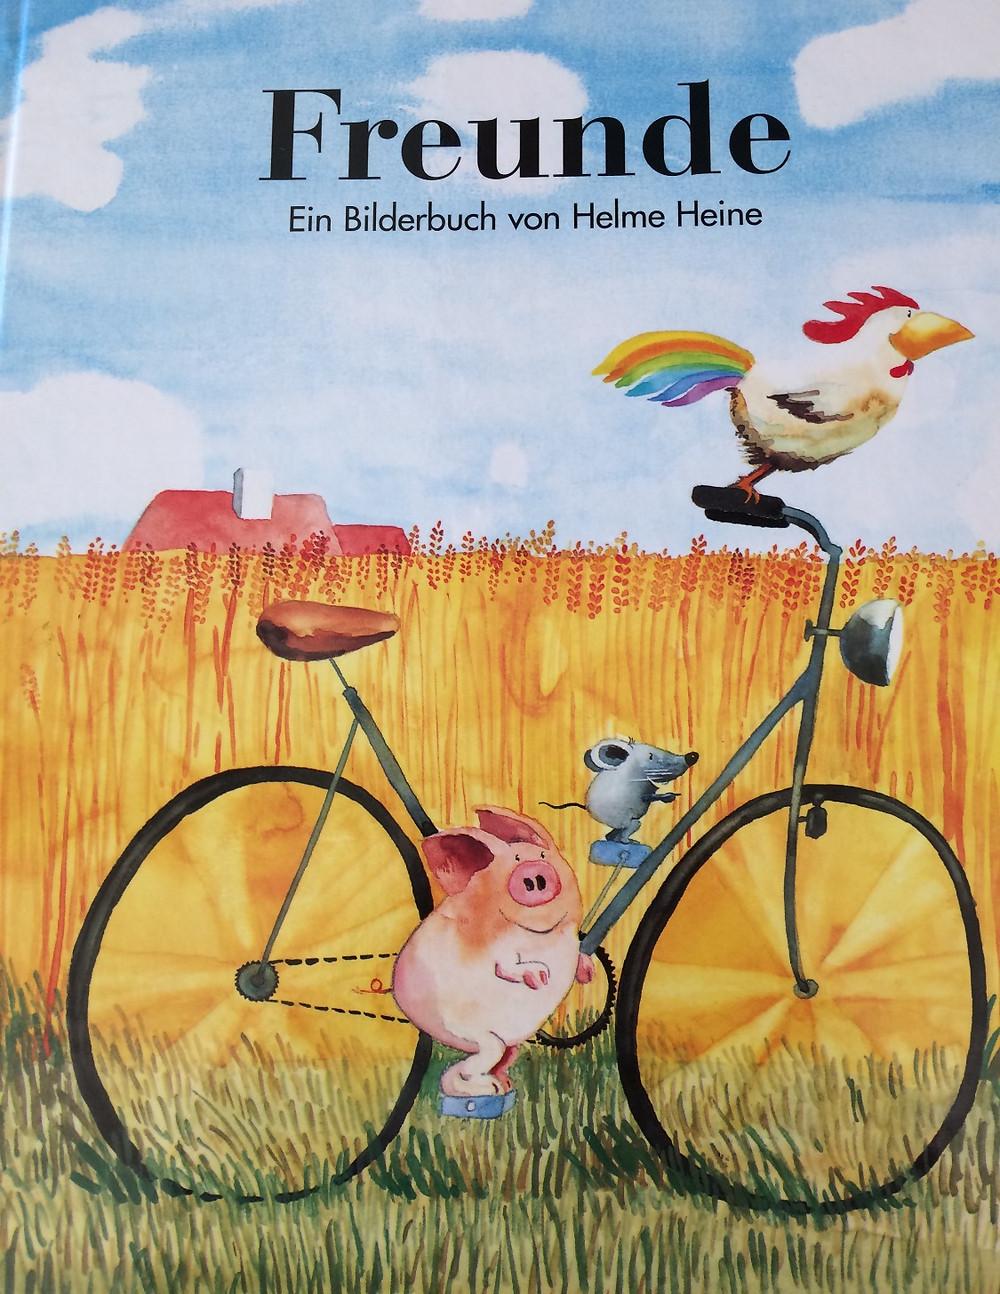 Freunde Ein Bilderbuch von Helme Heine